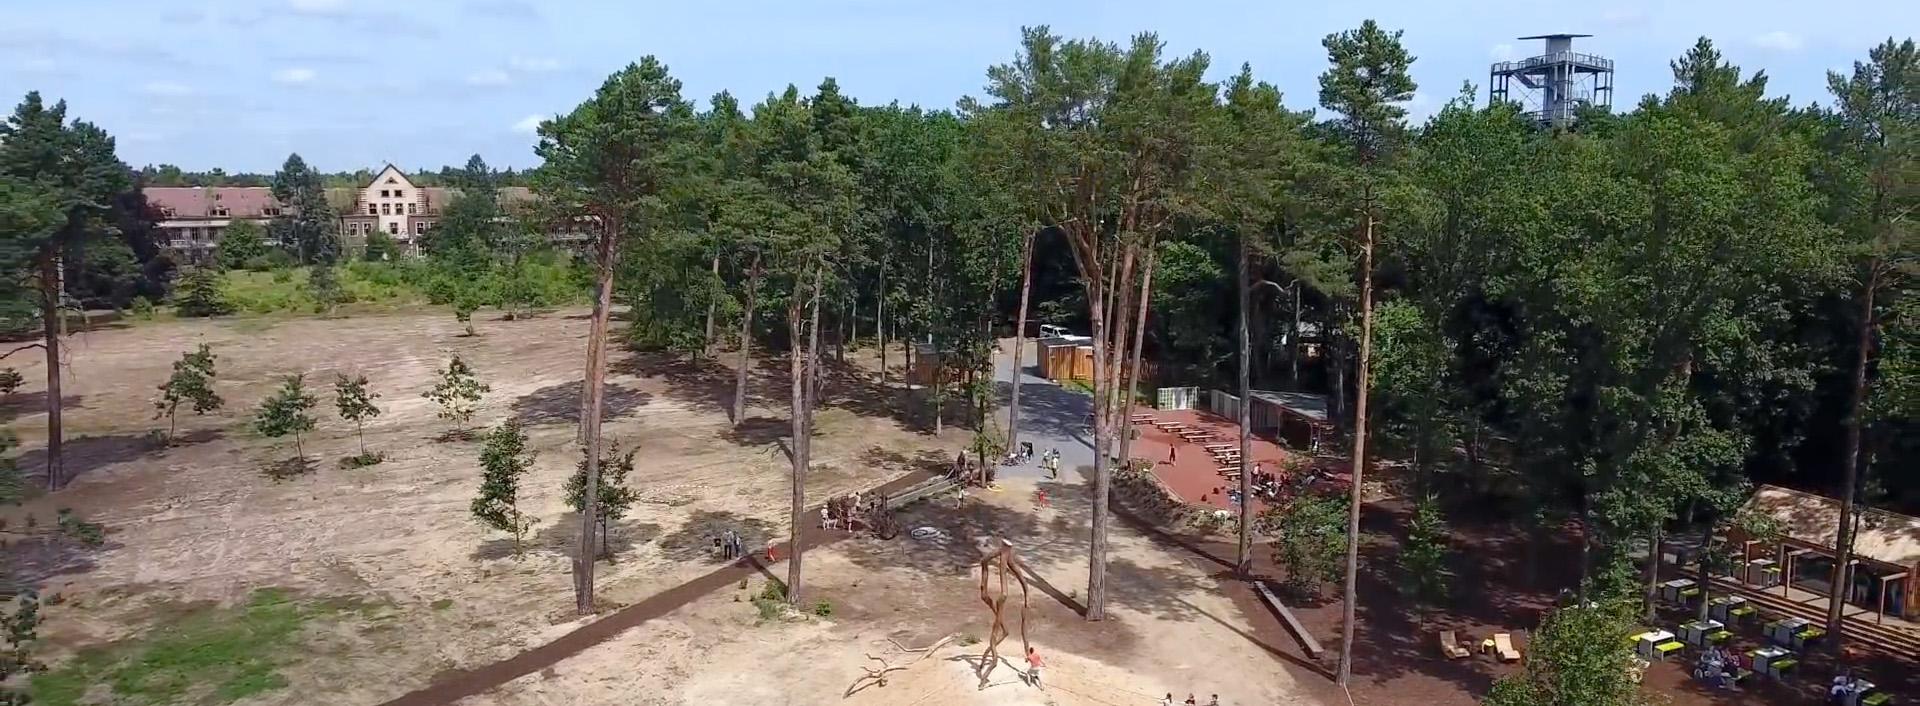 Barfußpark Beelitz-Heilstätten - von oben